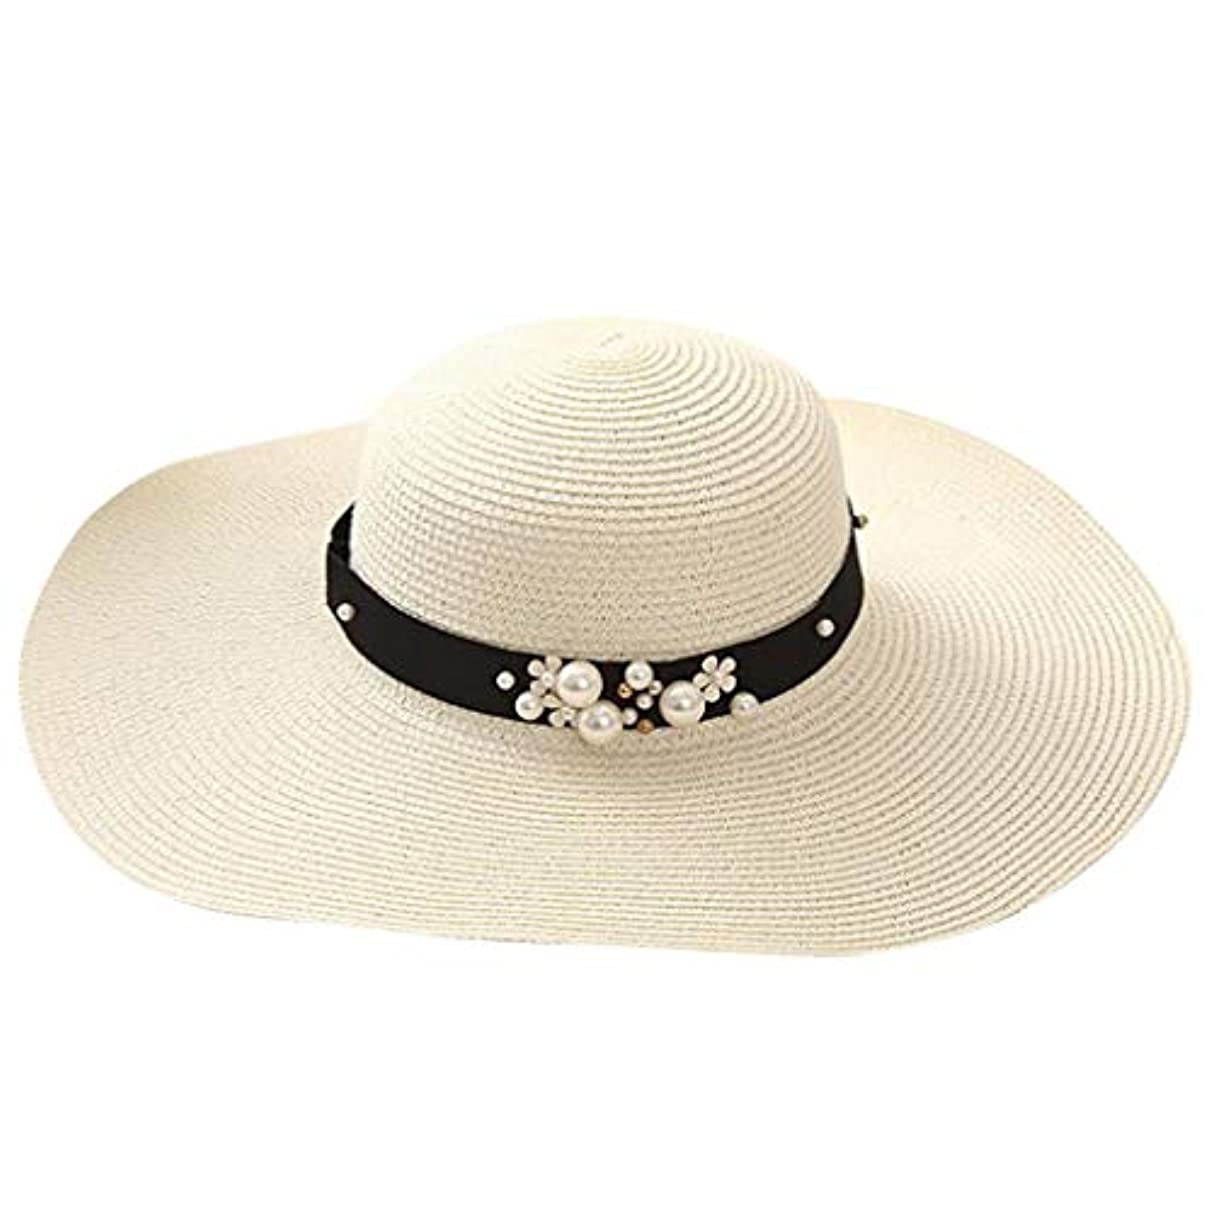 遠近法タンザニアフェデレーション漁師の帽子 ROSE ROMAN UVカット 帽子 帽子 レディース 麦わら帽子 UV帽子 紫外線対策 通気性 取り外すあご紐 サイズ調節可 つば広 おしゃれ 可愛い ハット 旅行用 日よけ 夏季 女優帽 小顔効果抜群